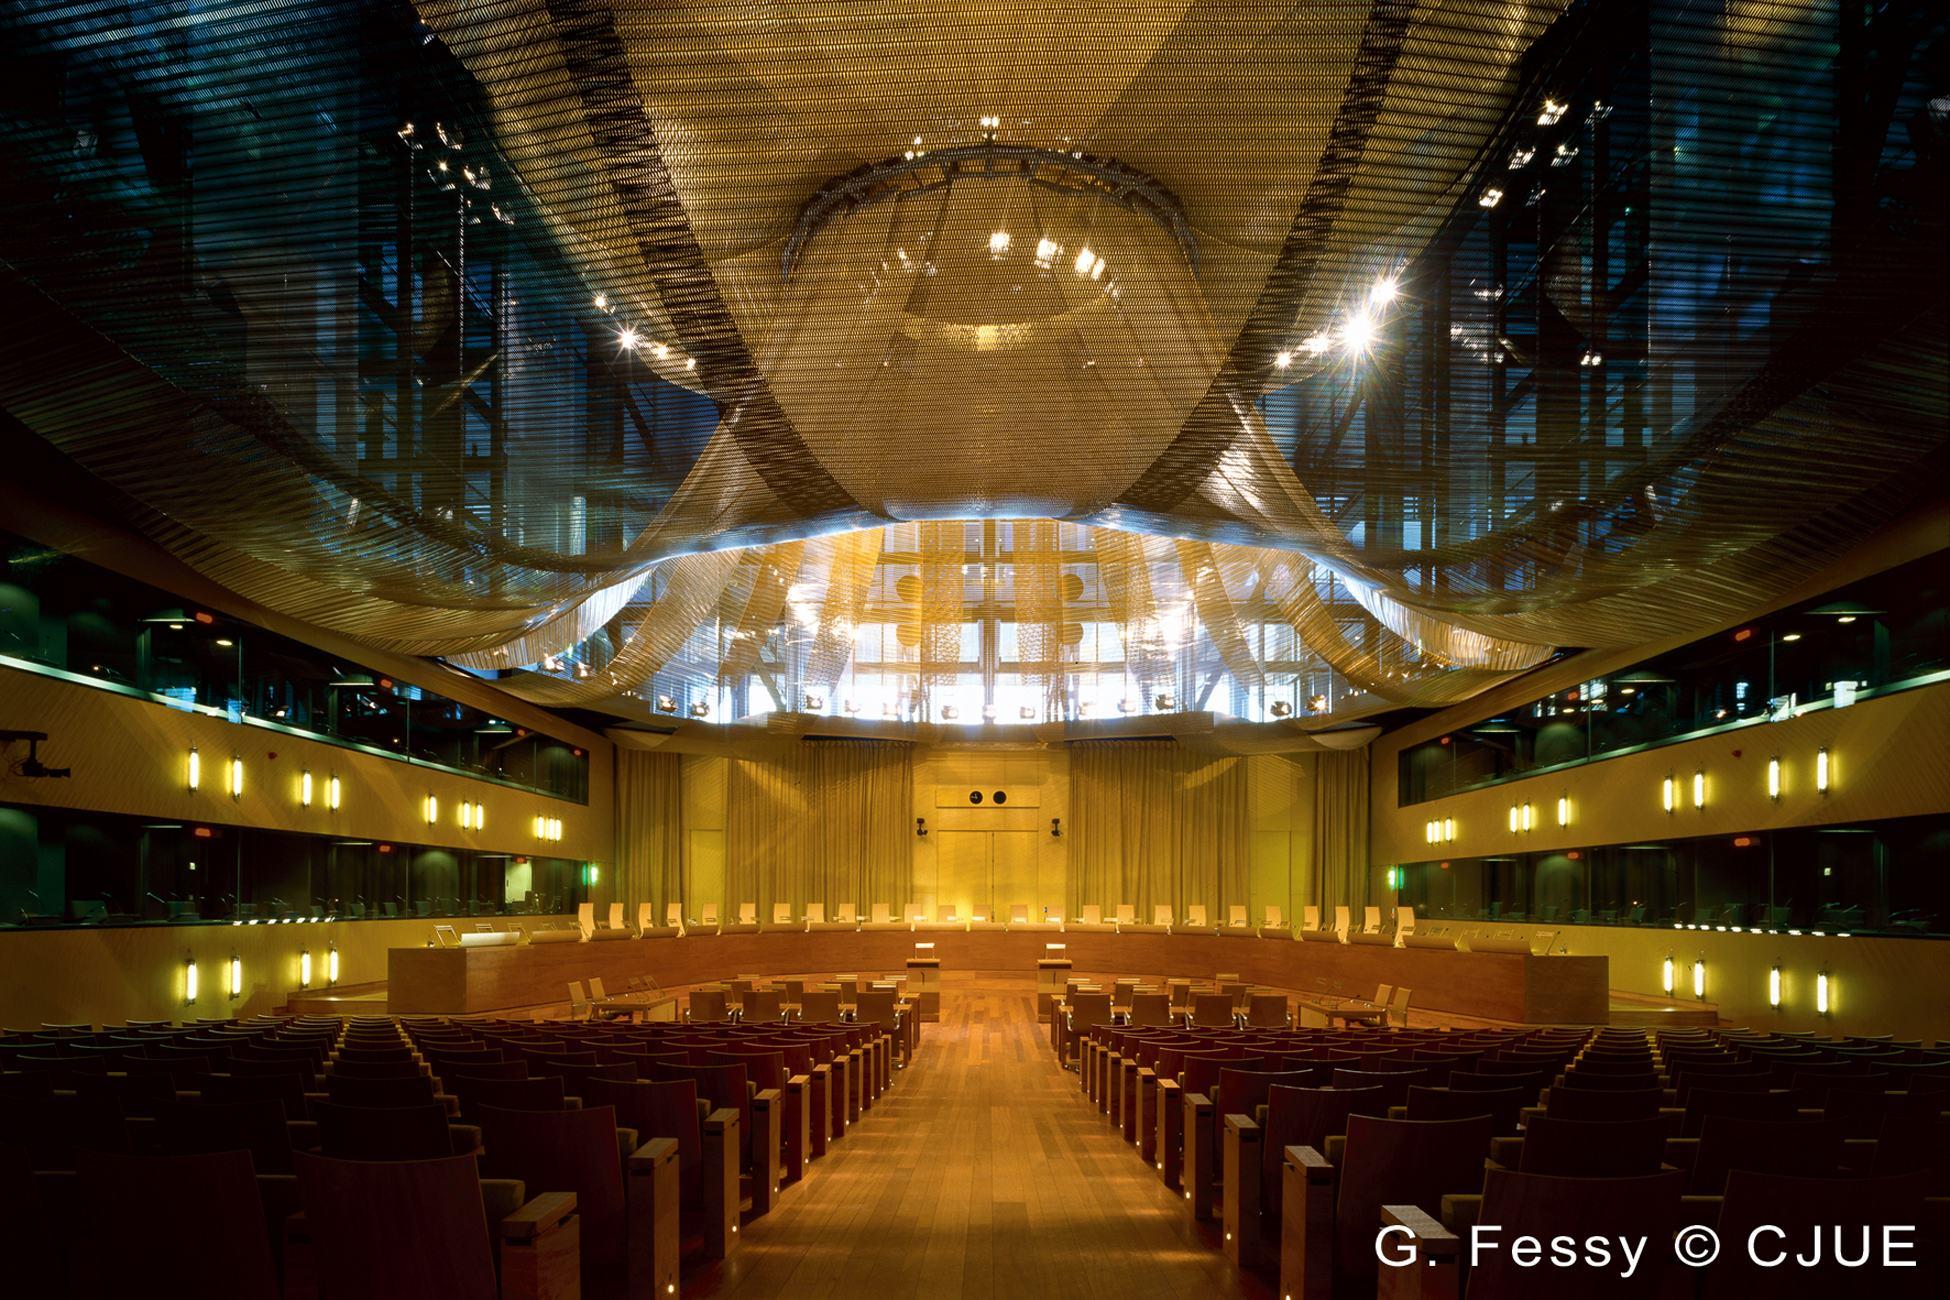 CJEU - Grand Hall of Justice